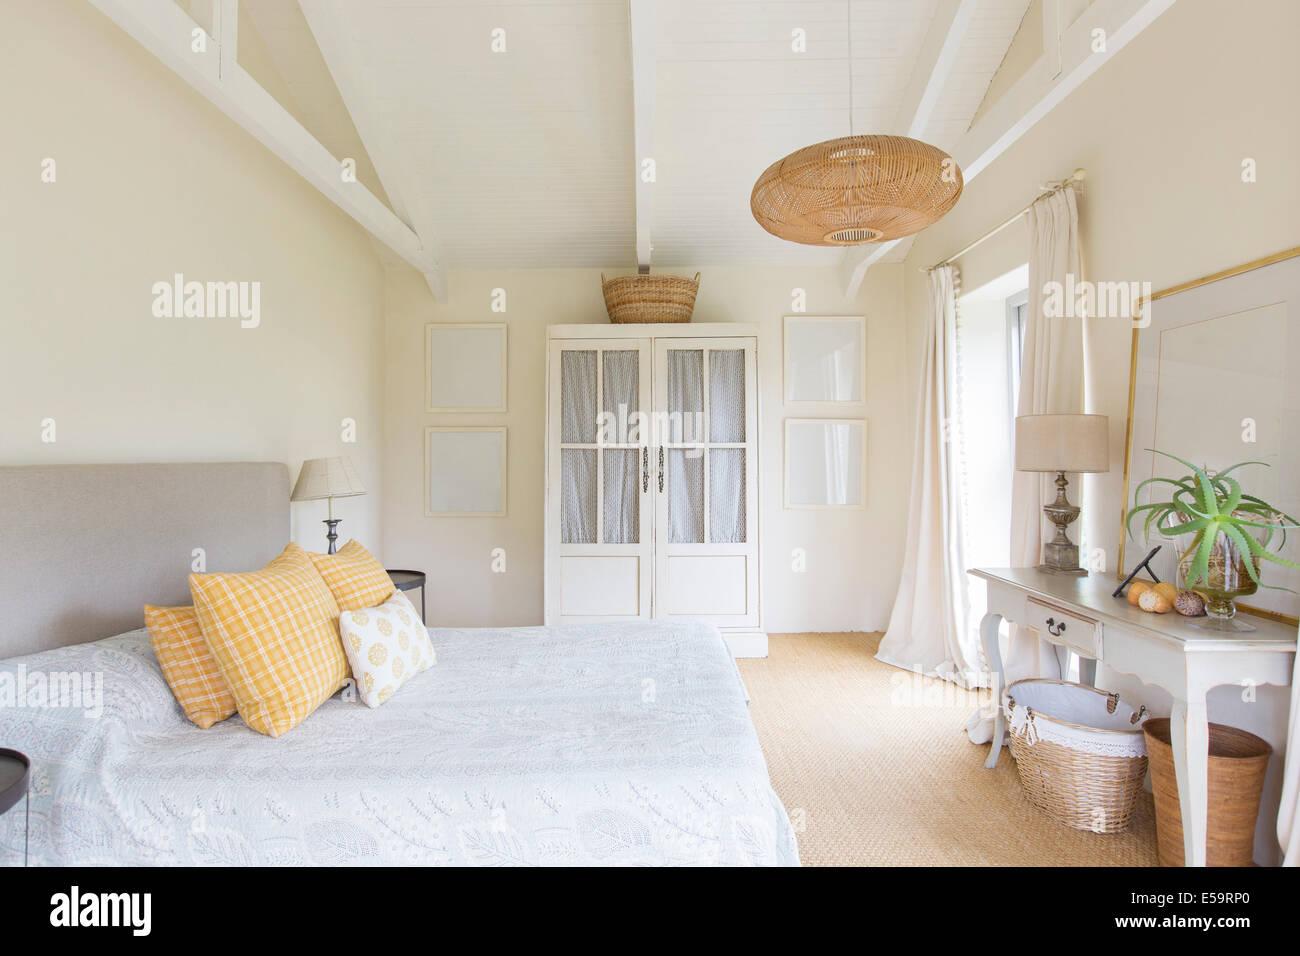 Chambres et du cabinet dans la chambre de maison rustique Photo Stock